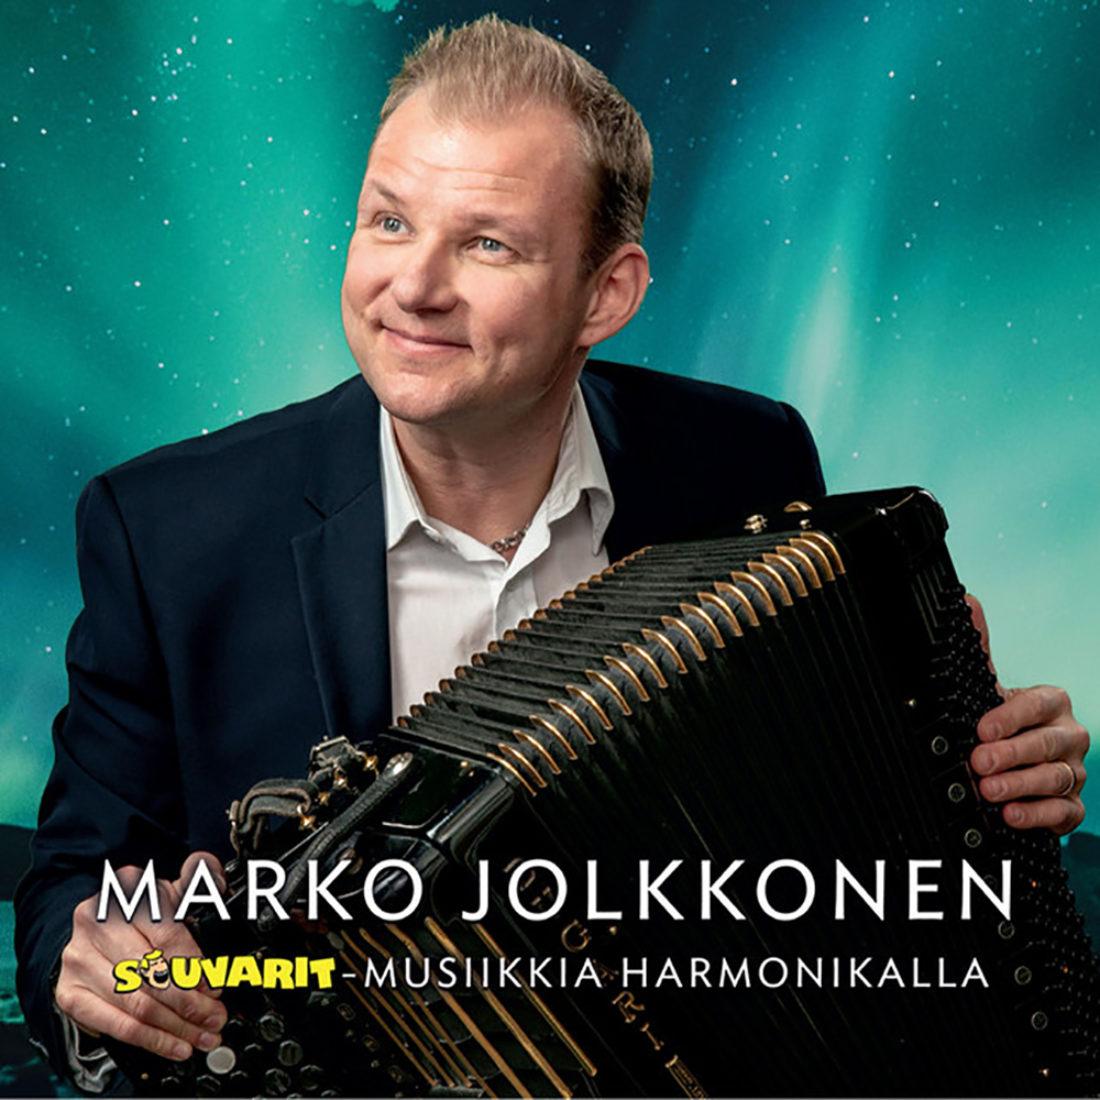 Marko Jolkkonen